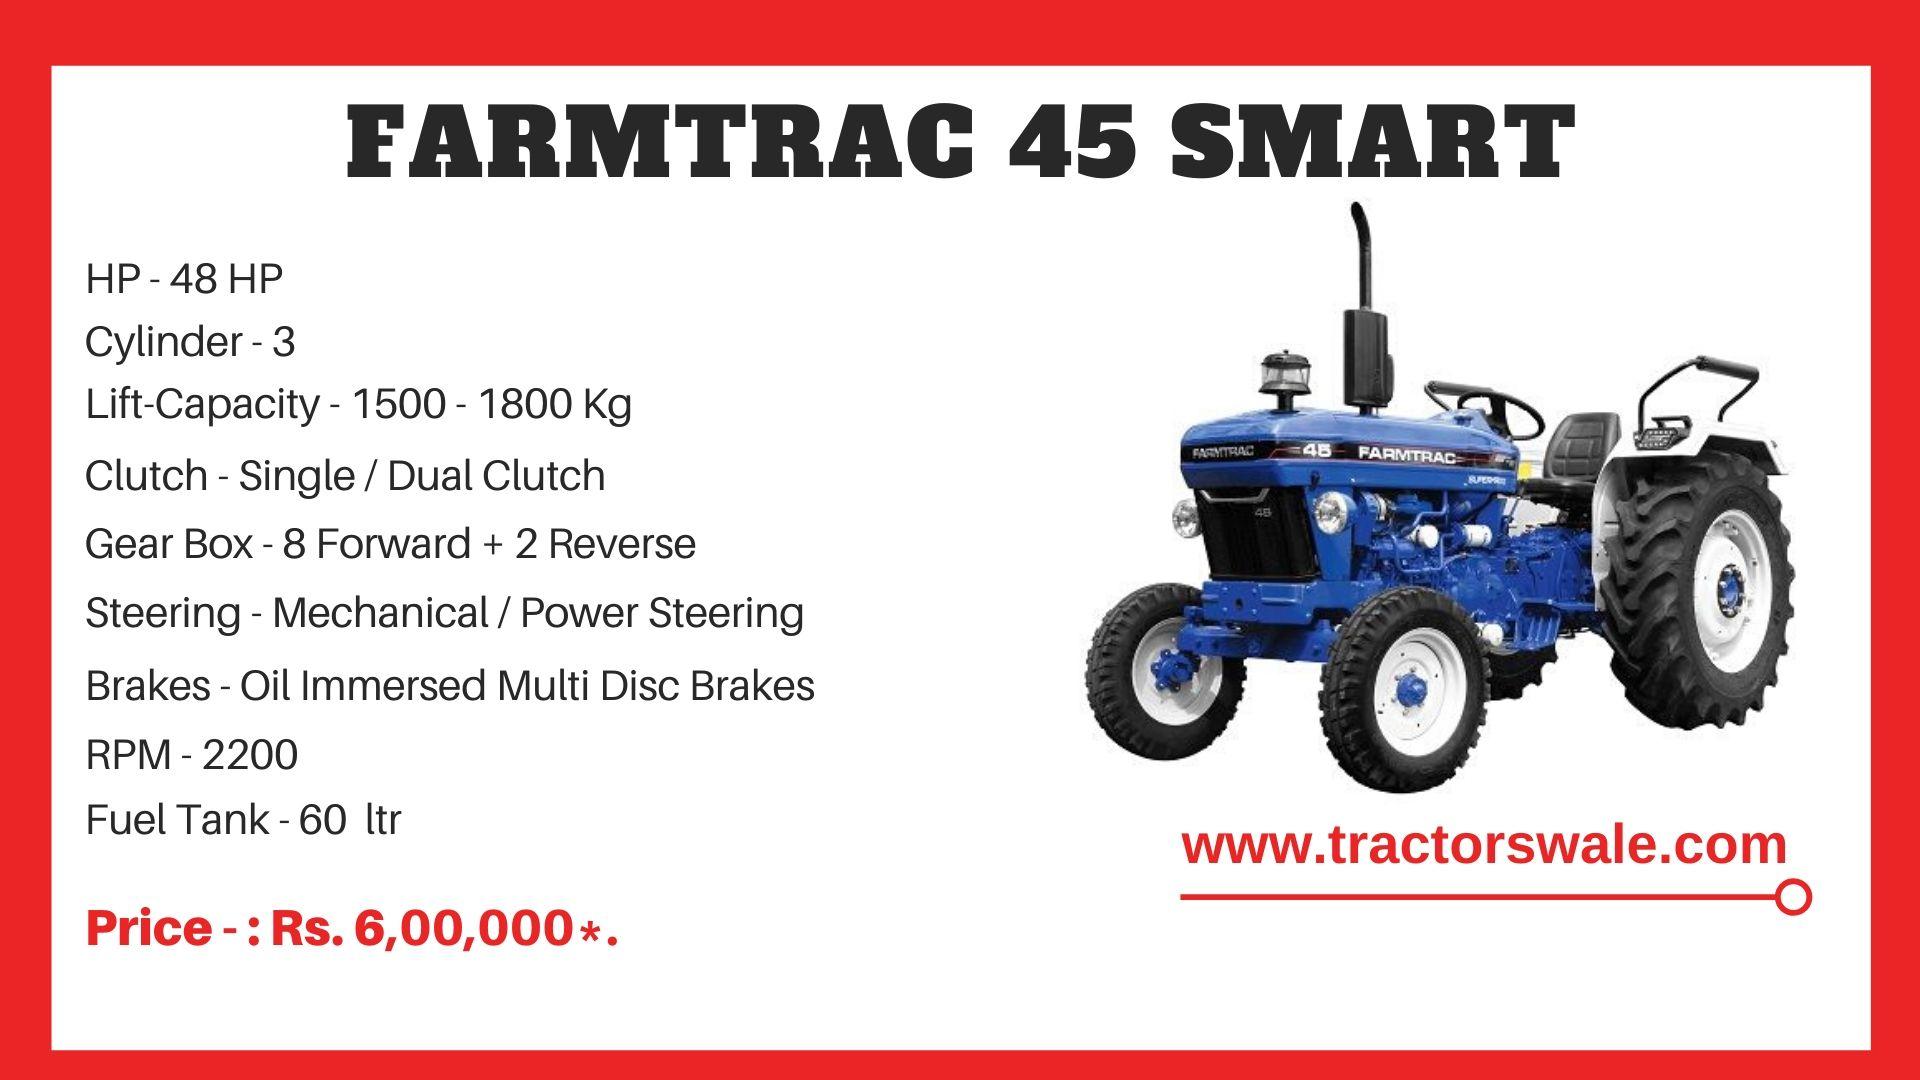 Farmtrac 45 Smart tractor price